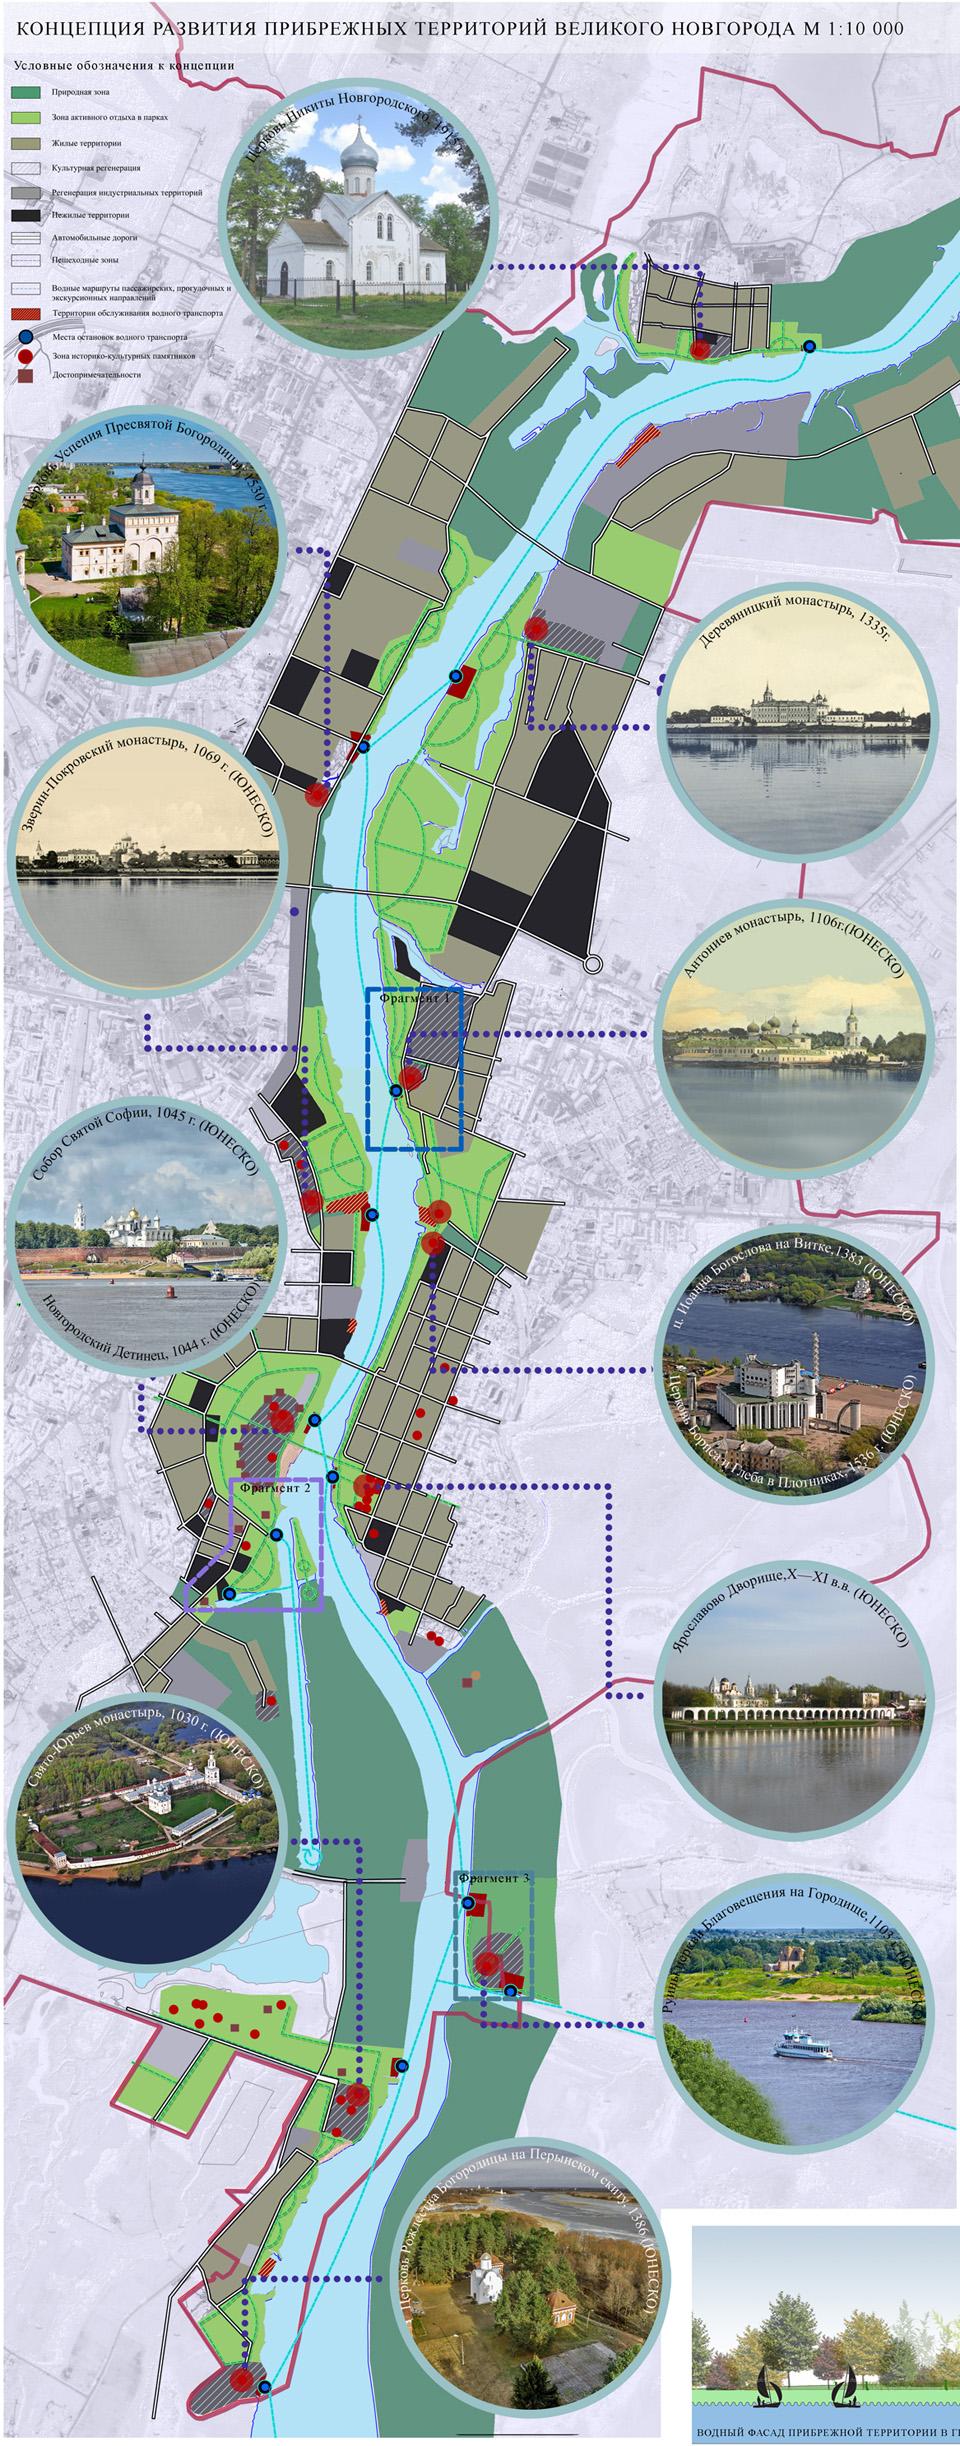 Концепция развития прибрежных территорий Великого Новгорода